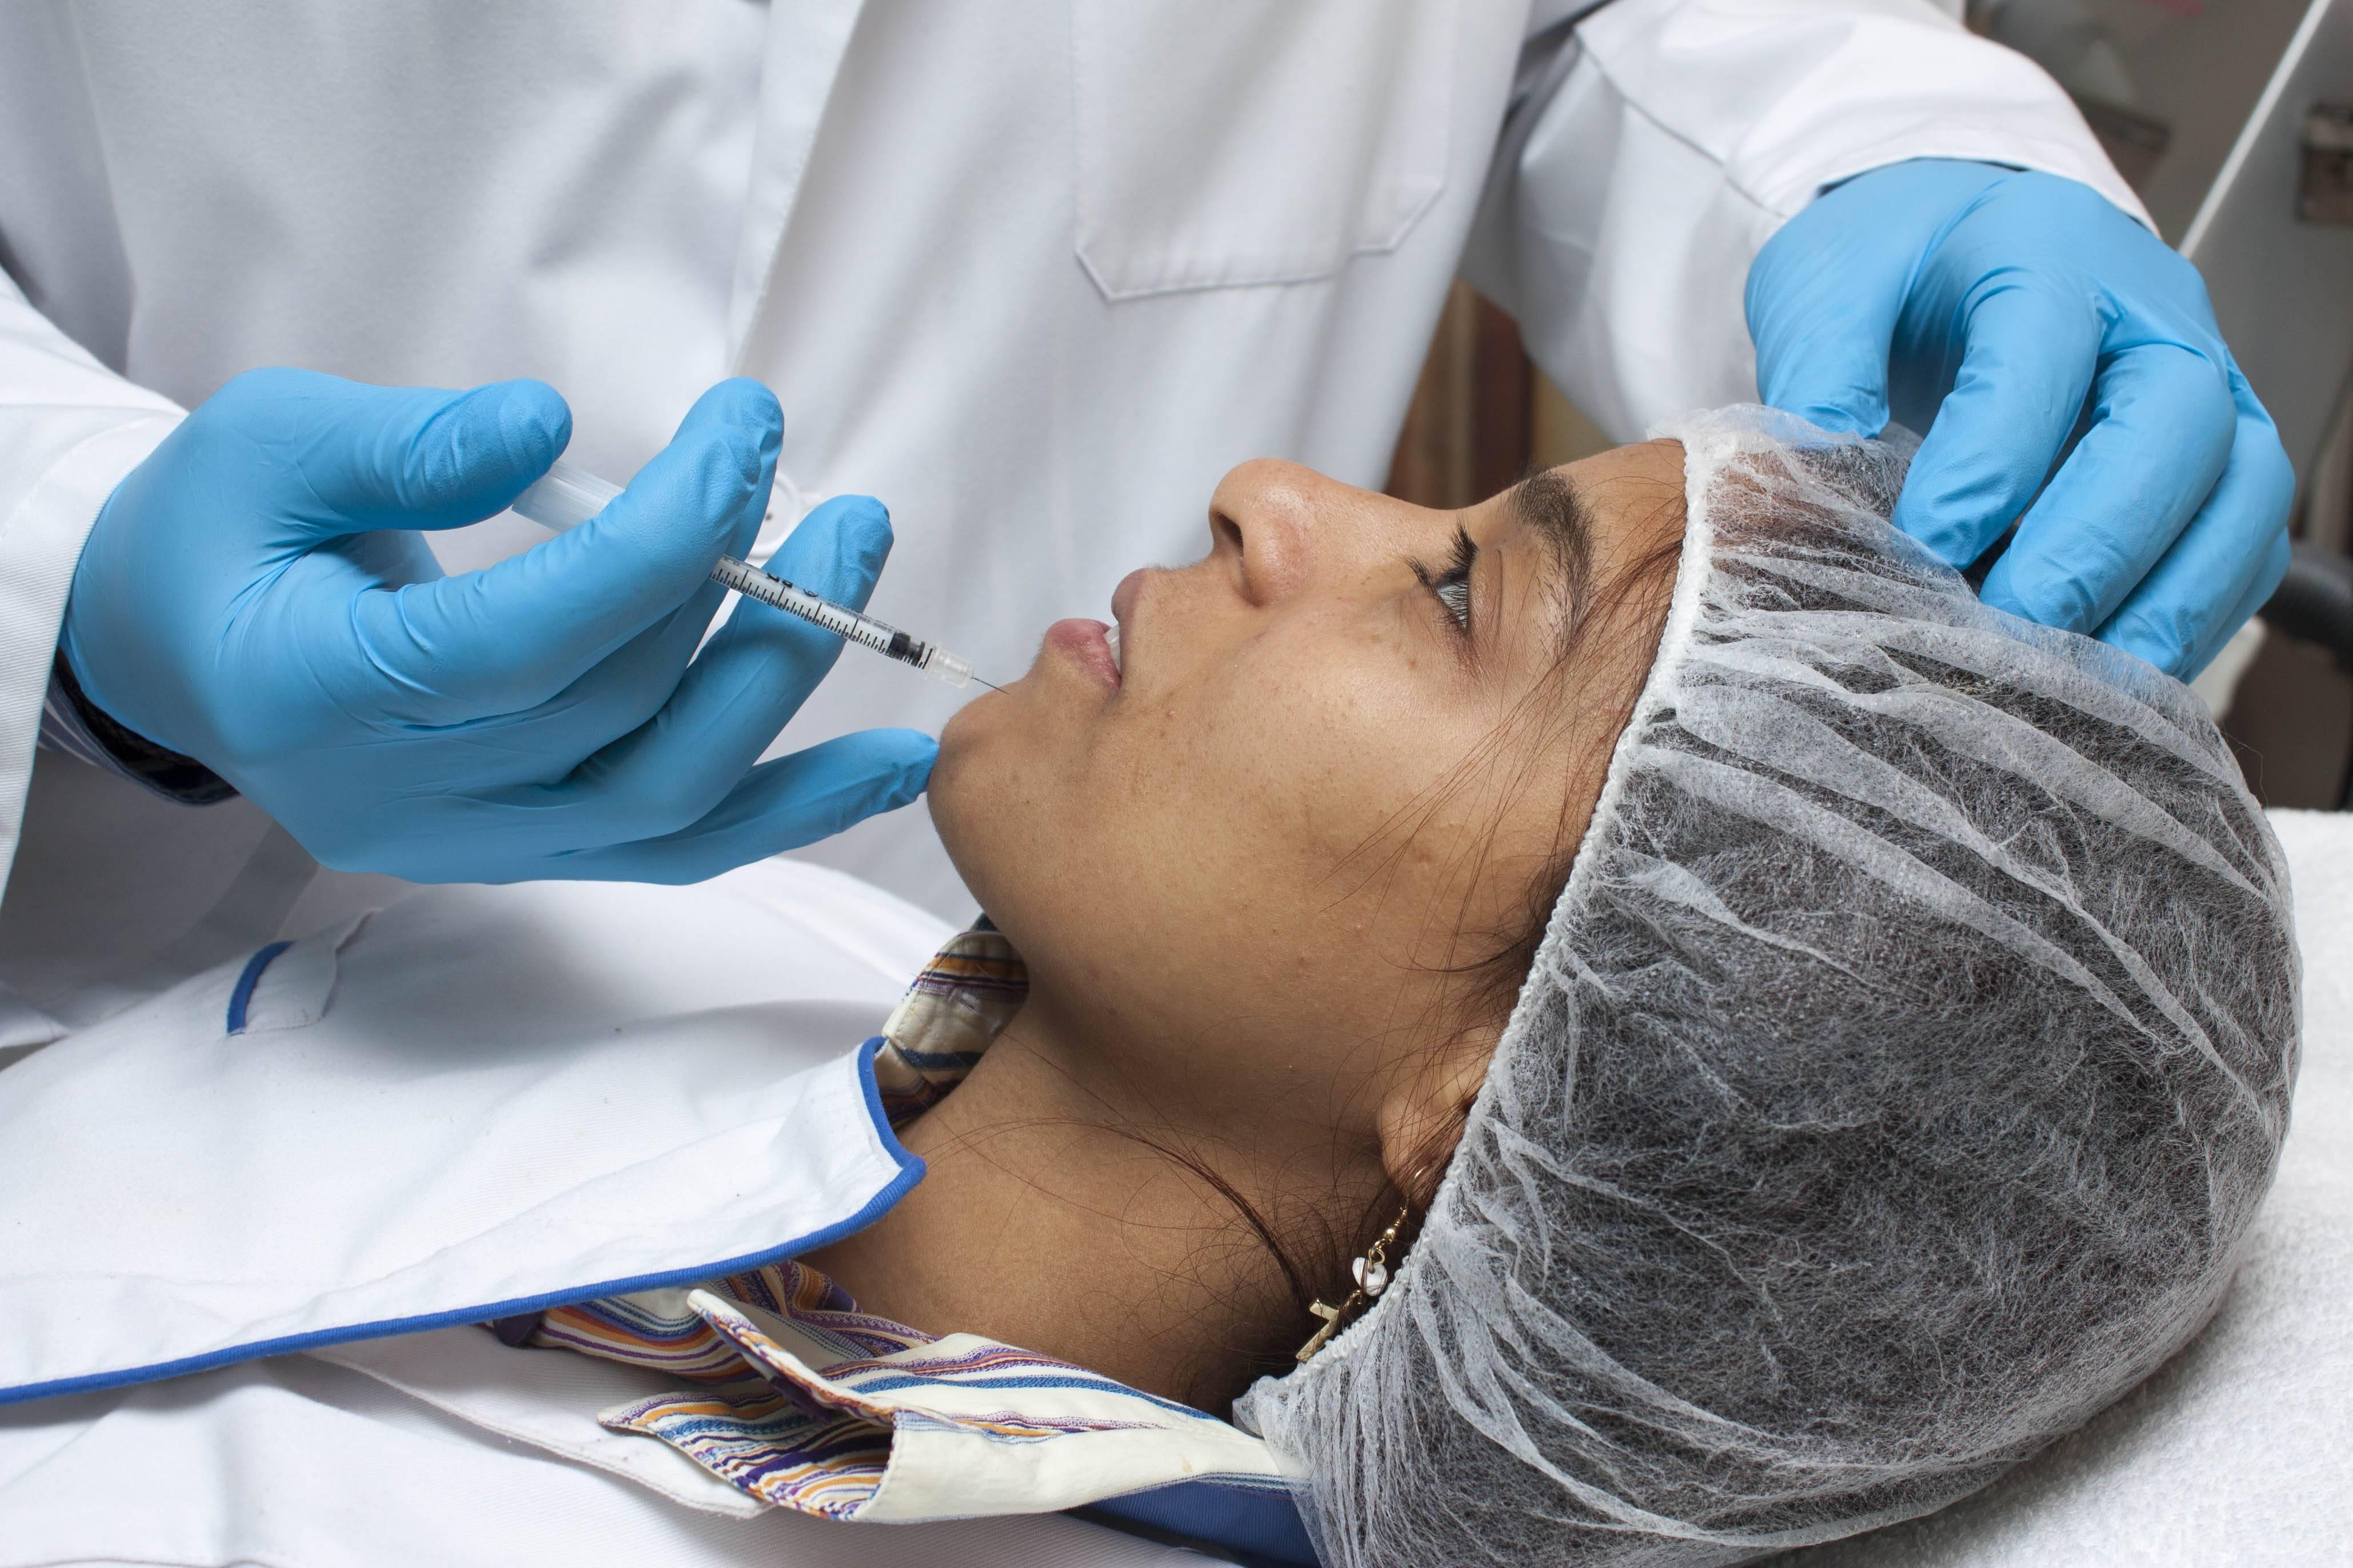 Виды пластических операций, которые помогут сделать внешность лучше